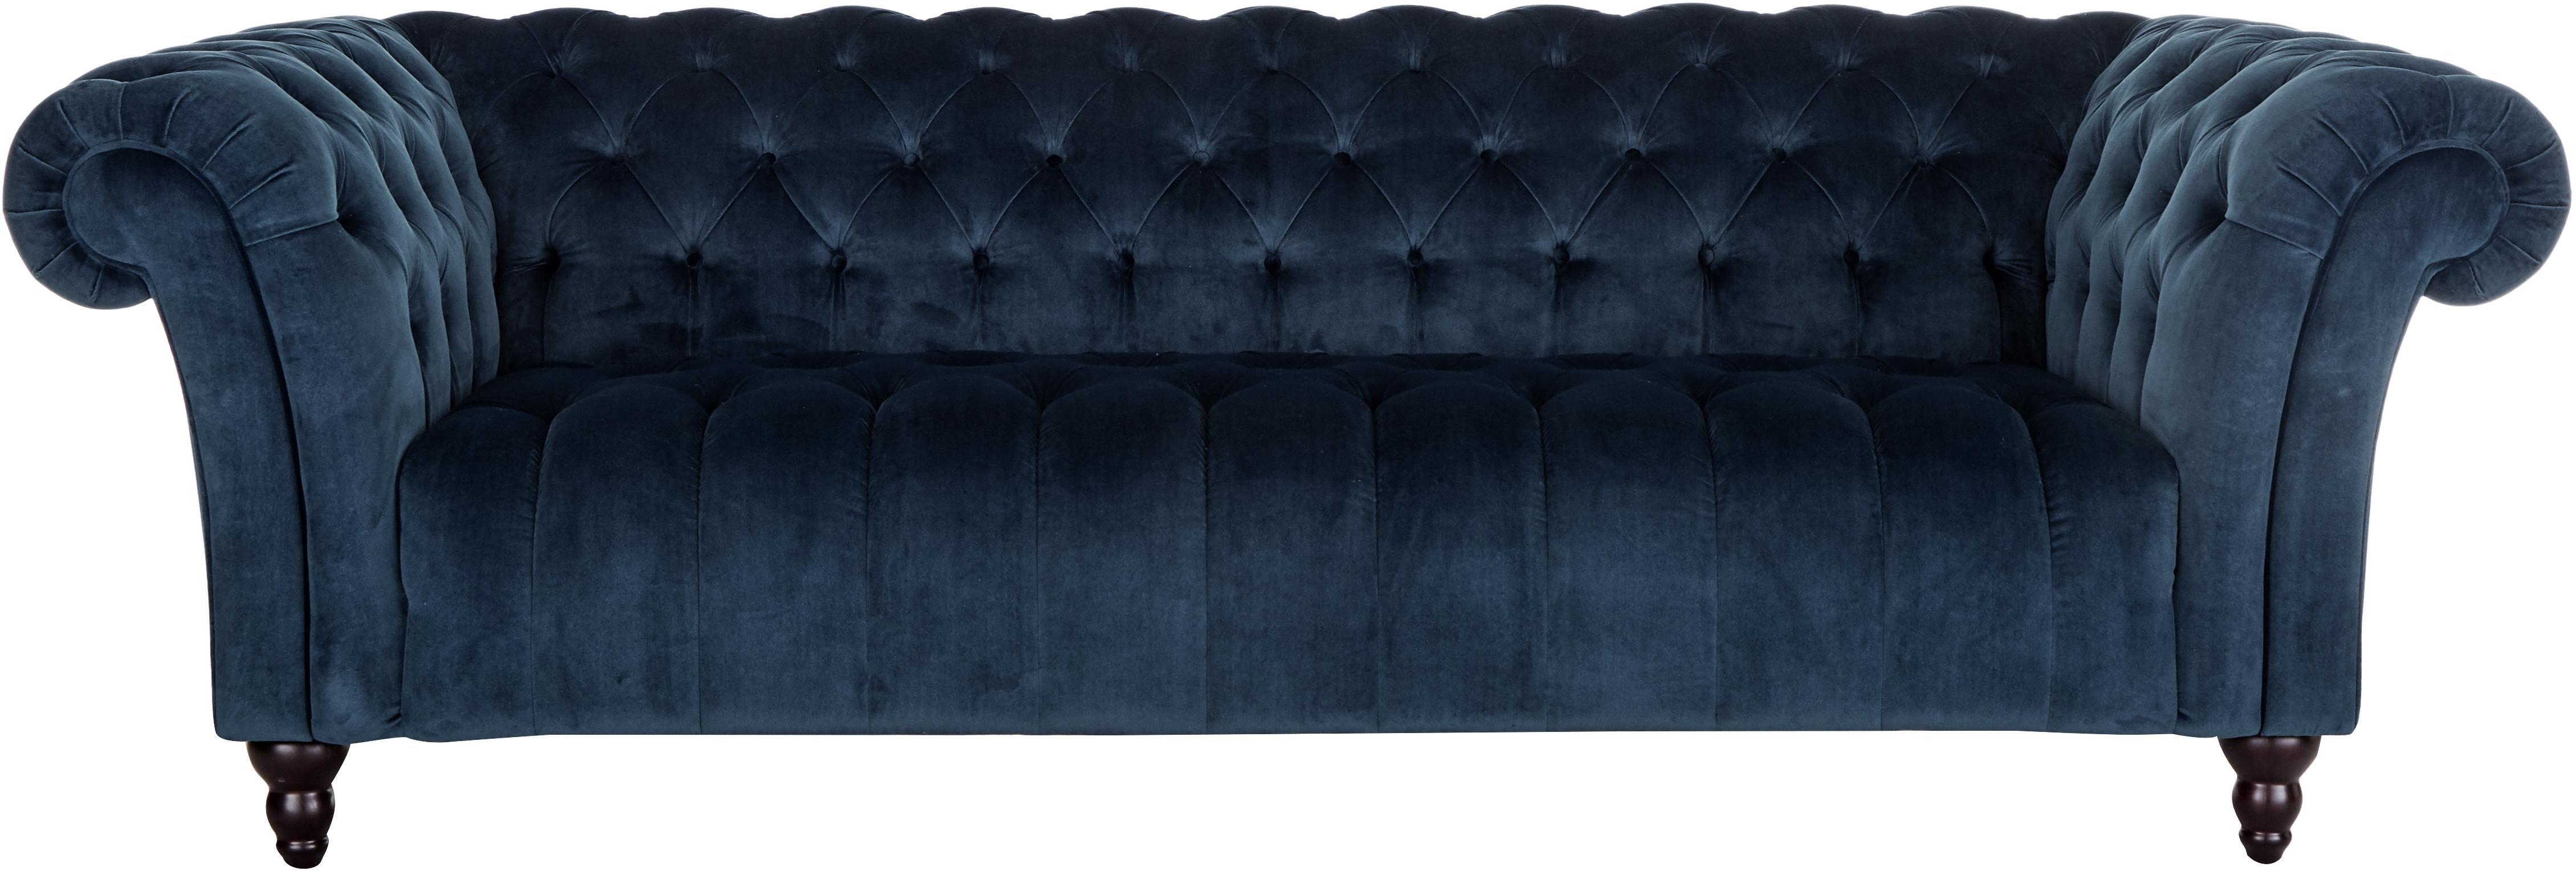 Divano 3 posti chesterfield in velluto blu scuro Gladis, Rivestimento: 100% poliestere, Piedini: legno di quercia, vernici, Struttura: base in legno, Blu scuro, Larg. 230 x Alt. 74 cm